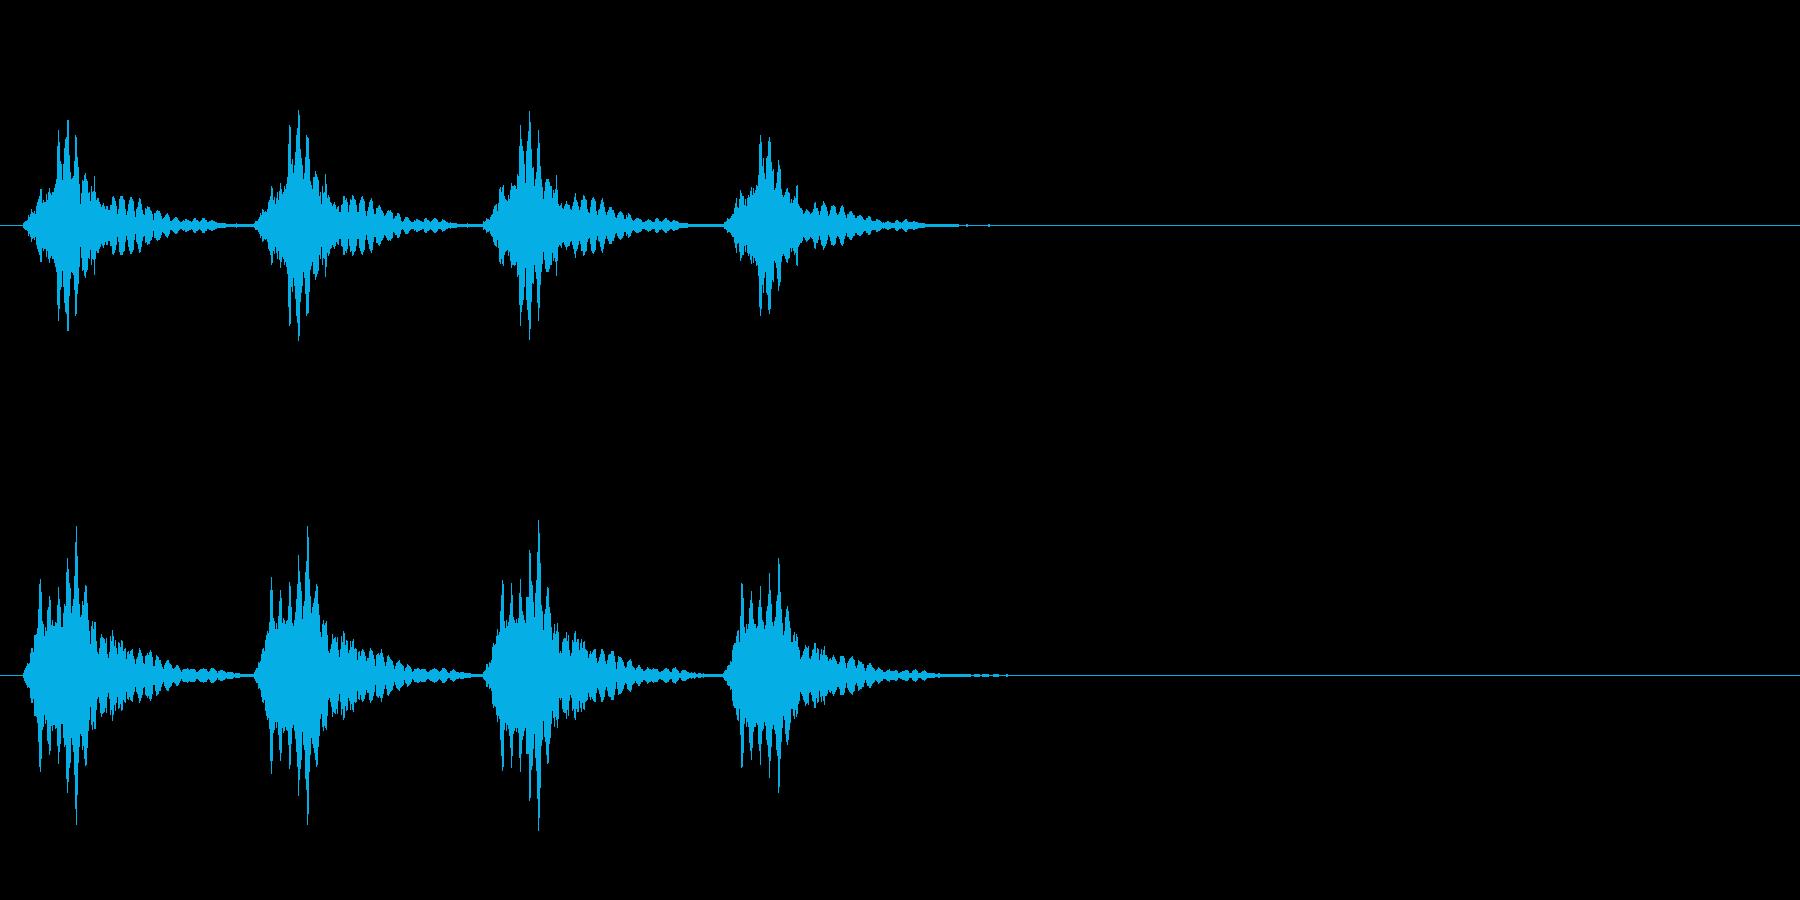 正解音や効果音。でんでんでんでん♪の再生済みの波形